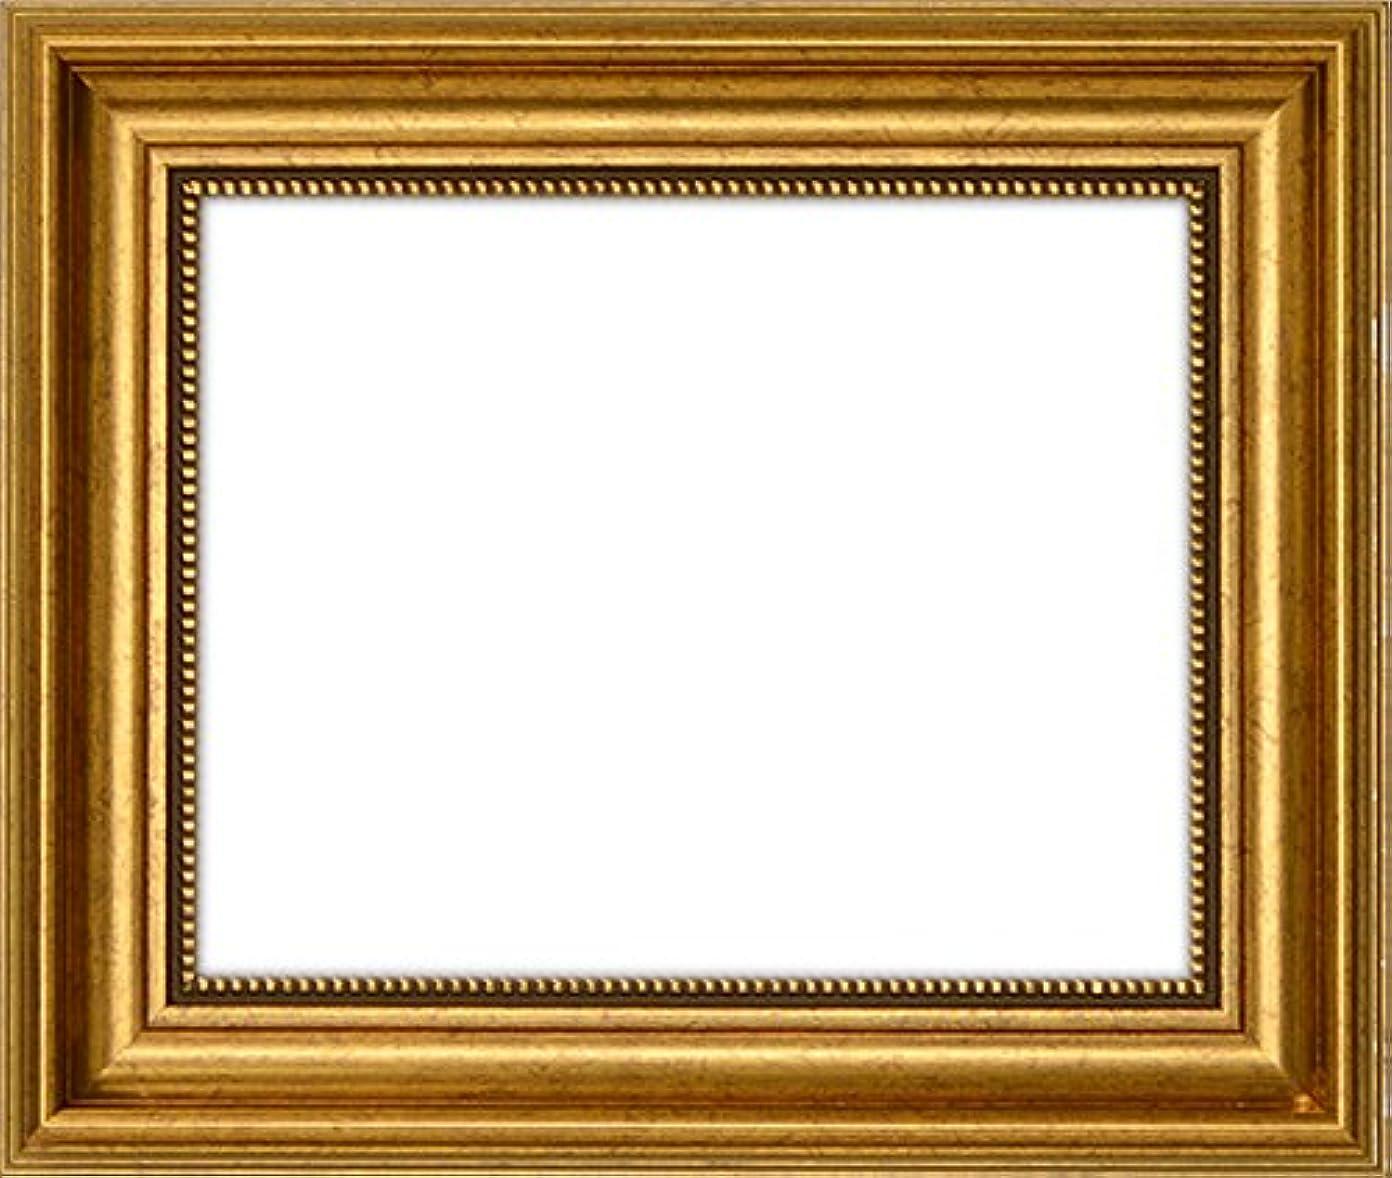 危険な論争的役に立つ【アウトレット】 デッサン額縁 8111/ゴールド B3サイズ(515×364mm) ガラス